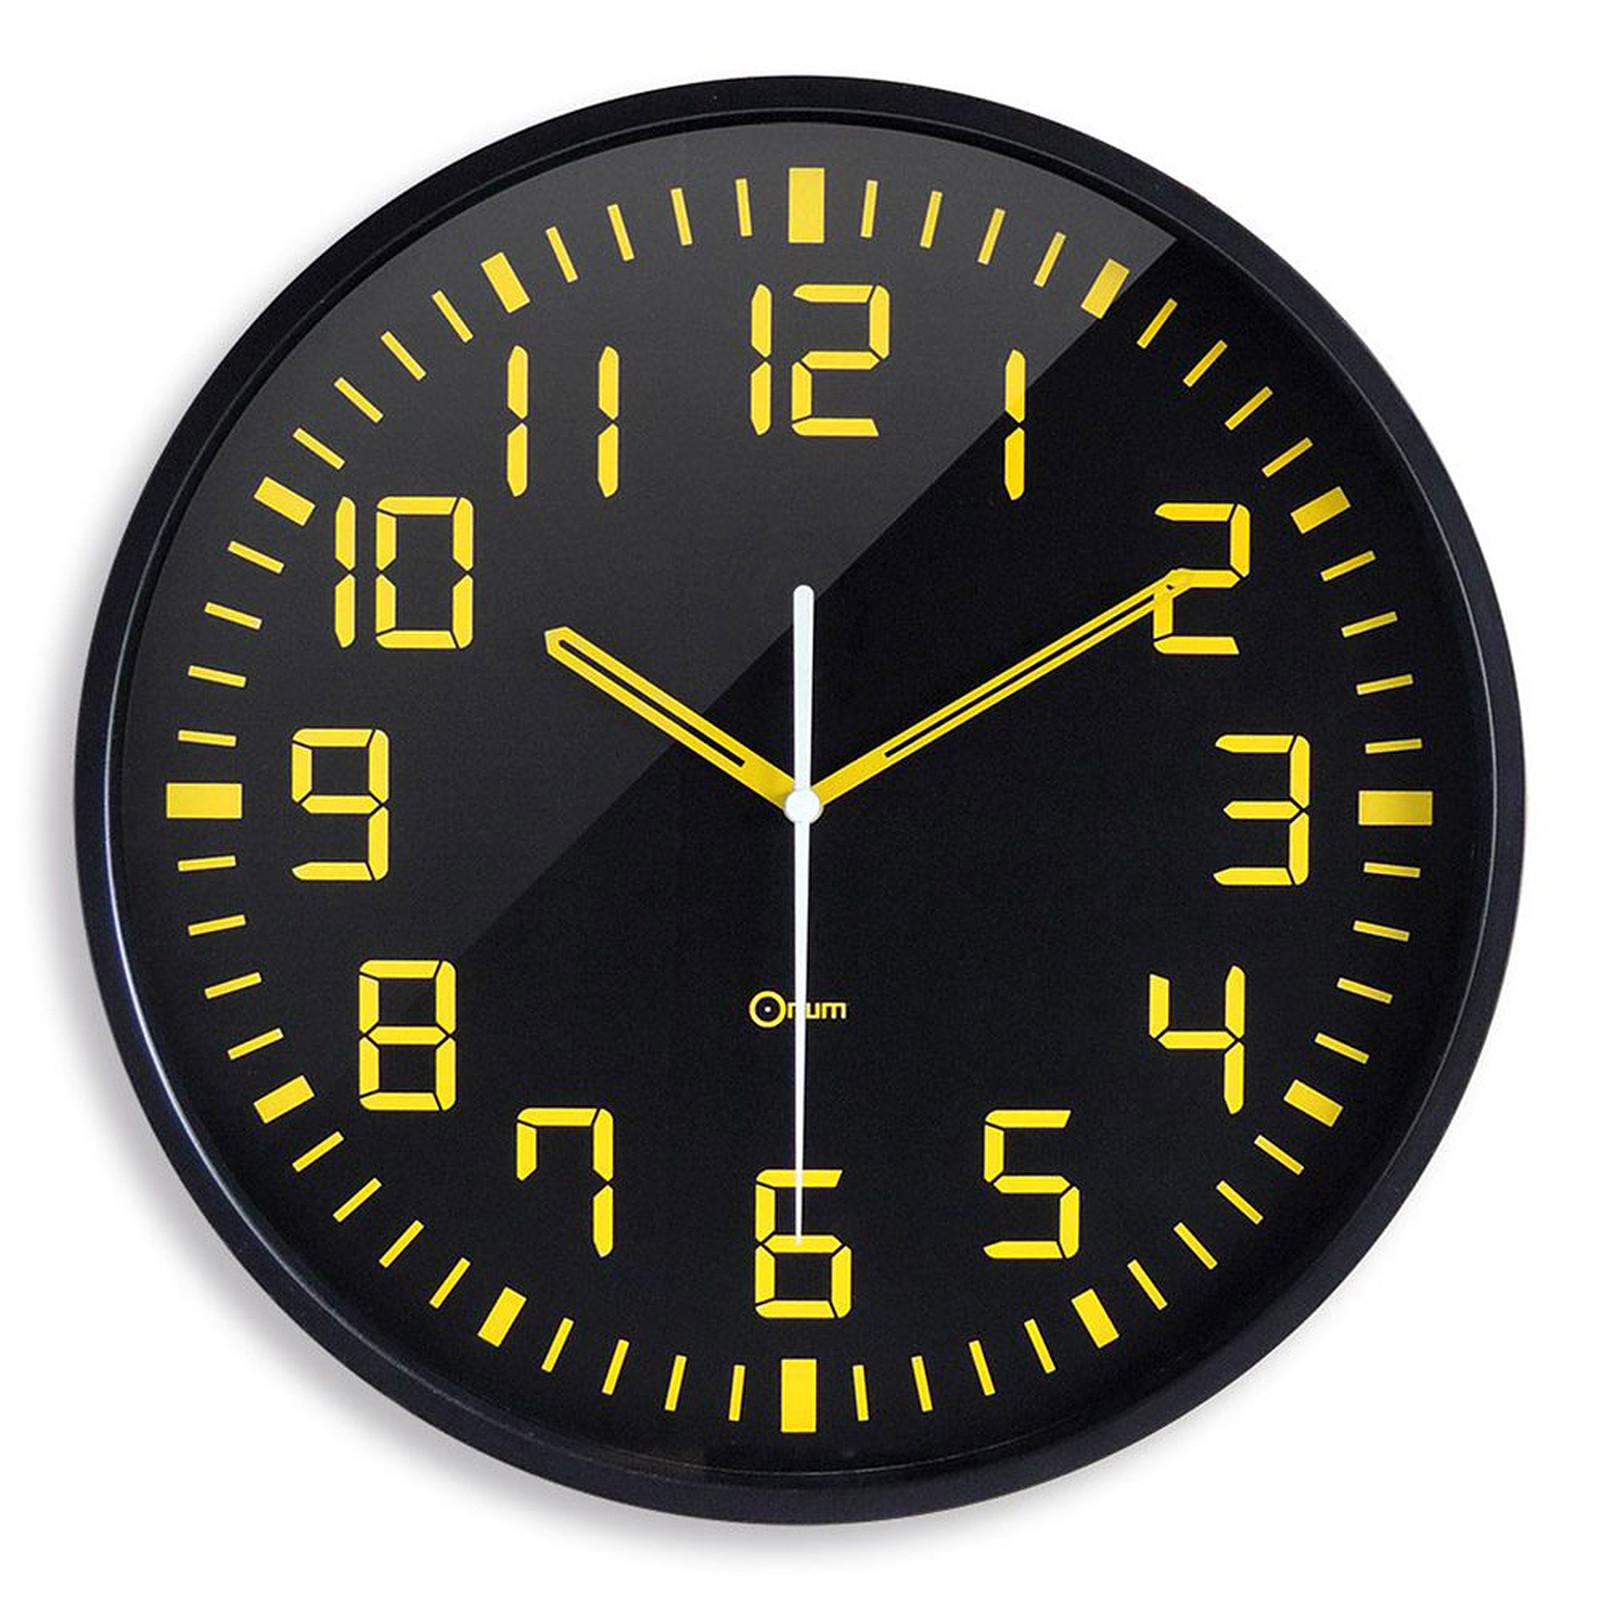 Orium Horloge silencieuse Contraste Noir/jaune